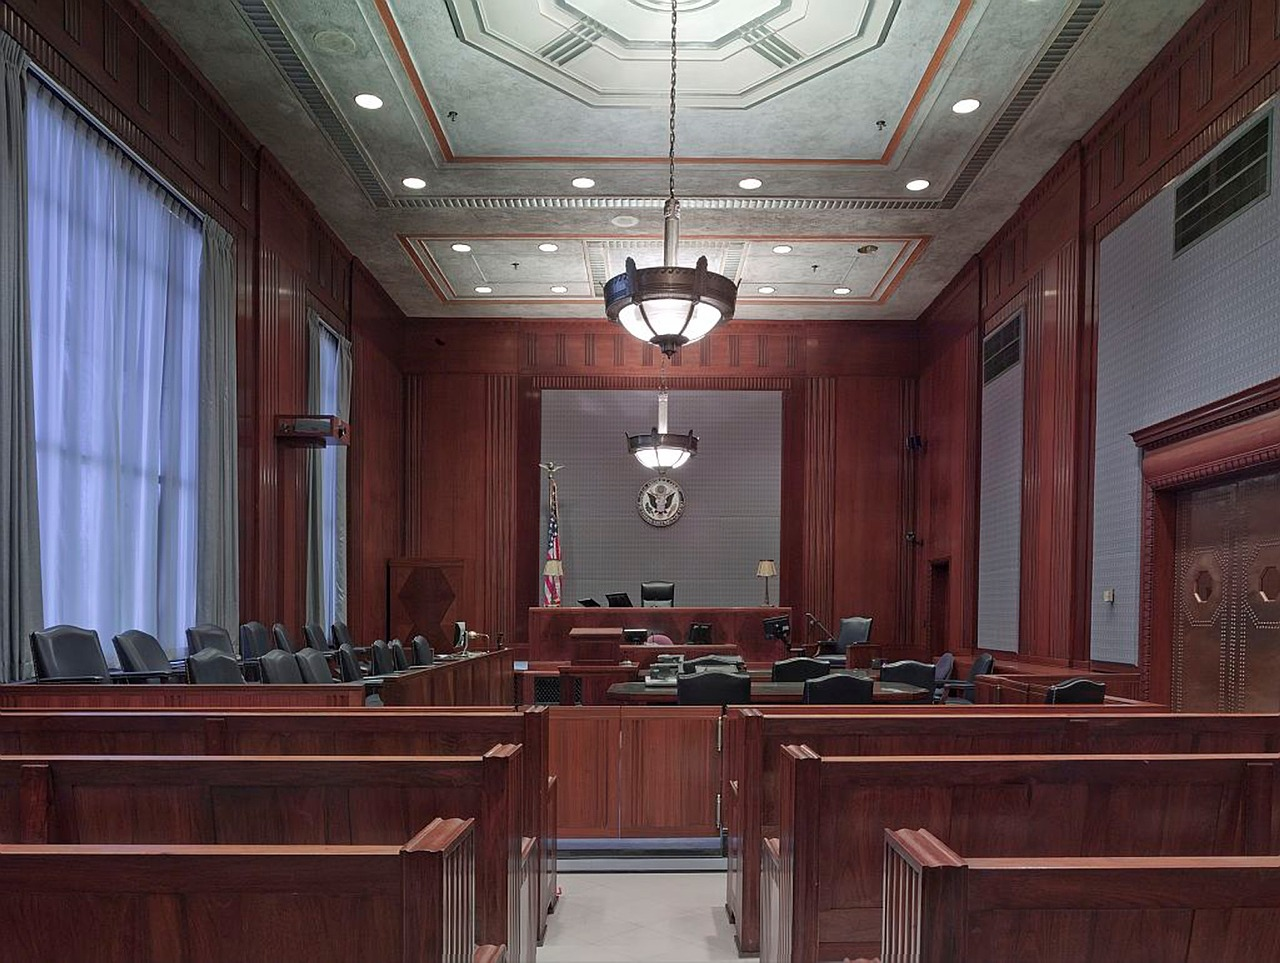 courtroom-898931_1280.jpg